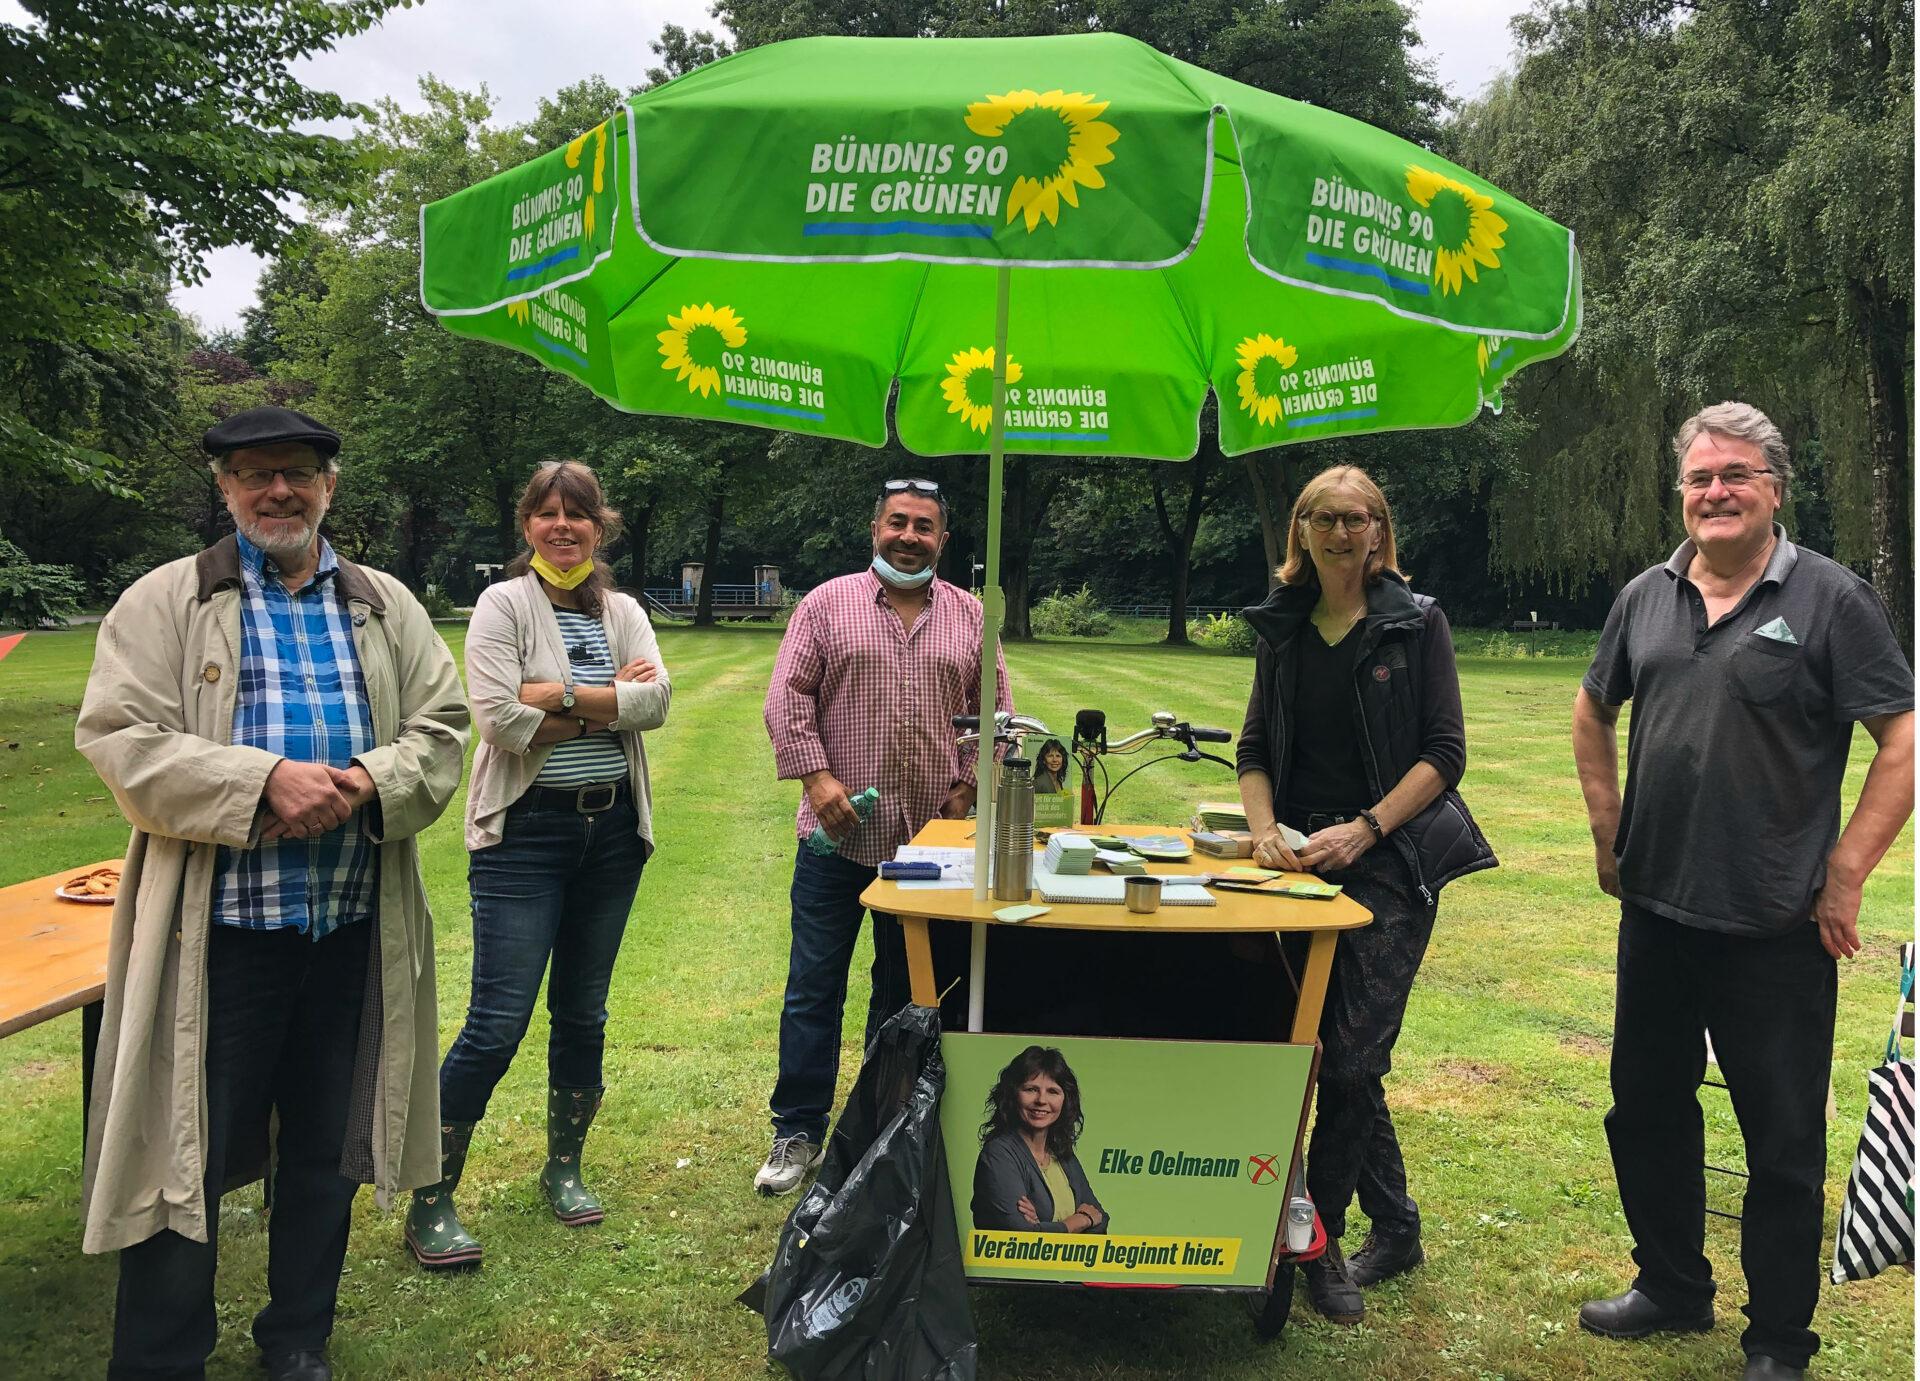 Regenpause für Interkulturelles Picknick